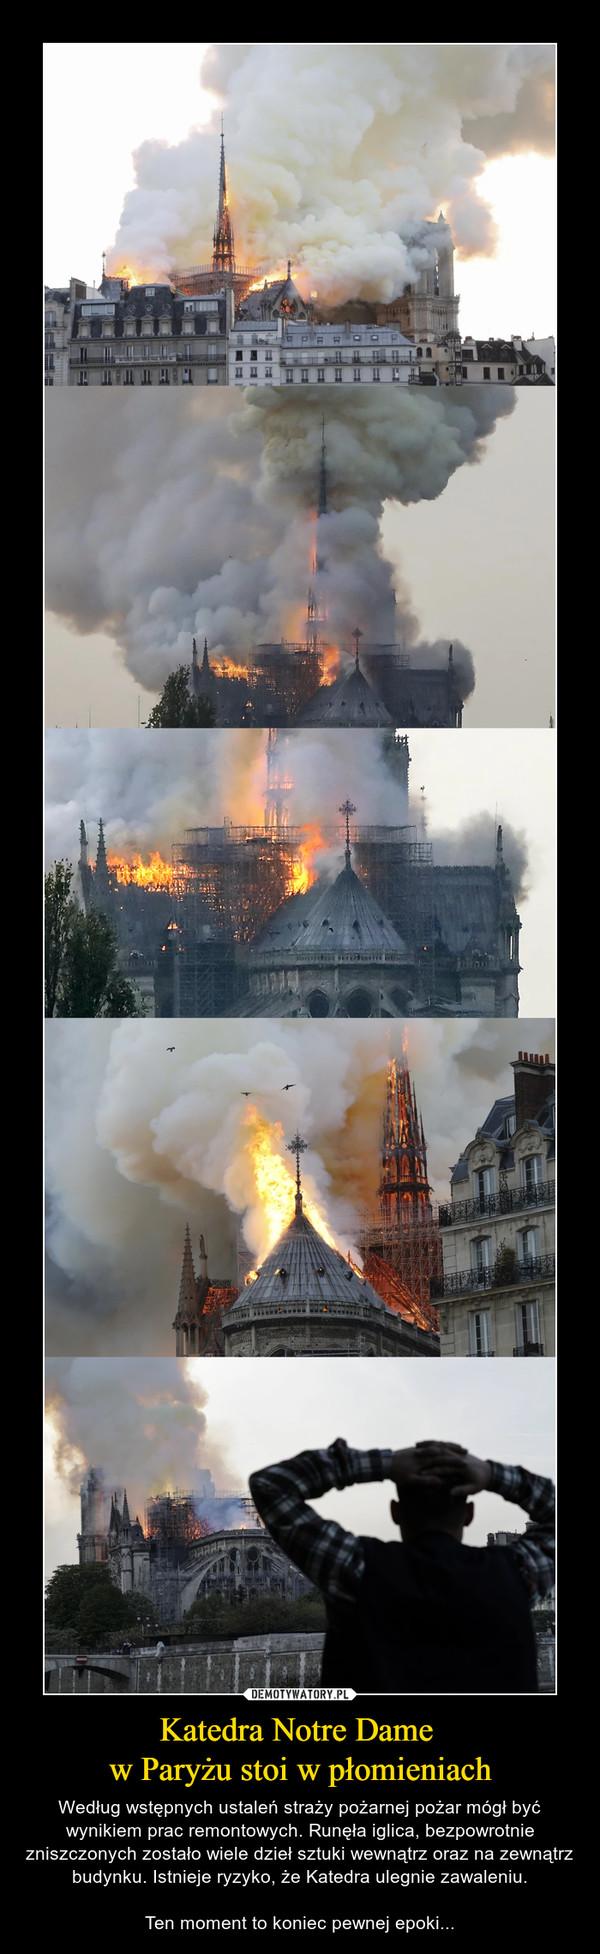 Katedra Notre Dame w Paryżu stoi w płomieniach – Według wstępnych ustaleń straży pożarnej pożar mógł być wynikiem prac remontowych. Runęła iglica, bezpowrotnie zniszczonych zostało wiele dzieł sztuki wewnątrz oraz na zewnątrz budynku. Istnieje ryzyko, że Katedra ulegnie zawaleniu.Ten moment to koniec pewnej epoki...